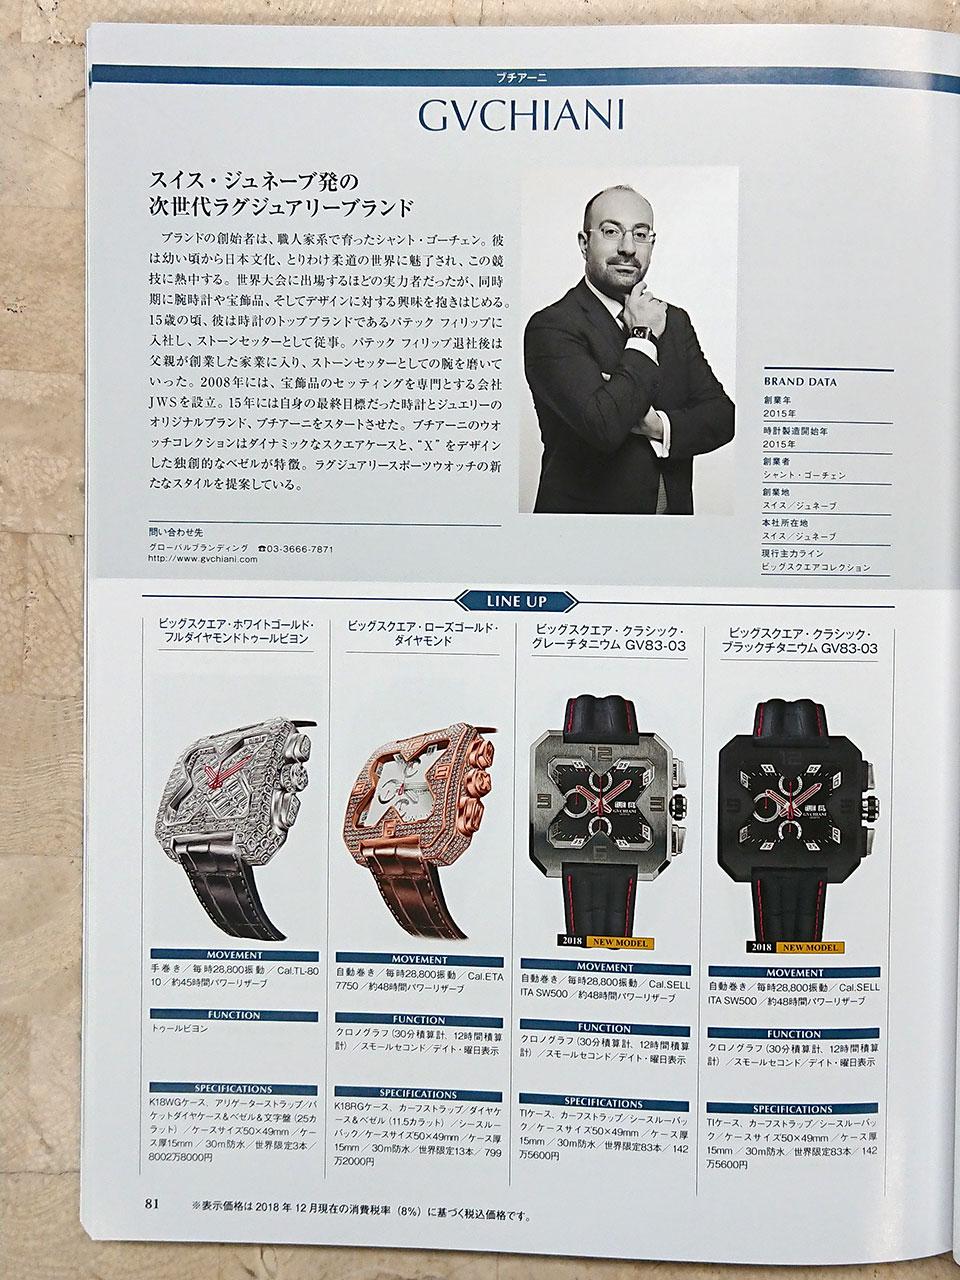 機械式腕時計年艦 ブチアーニ